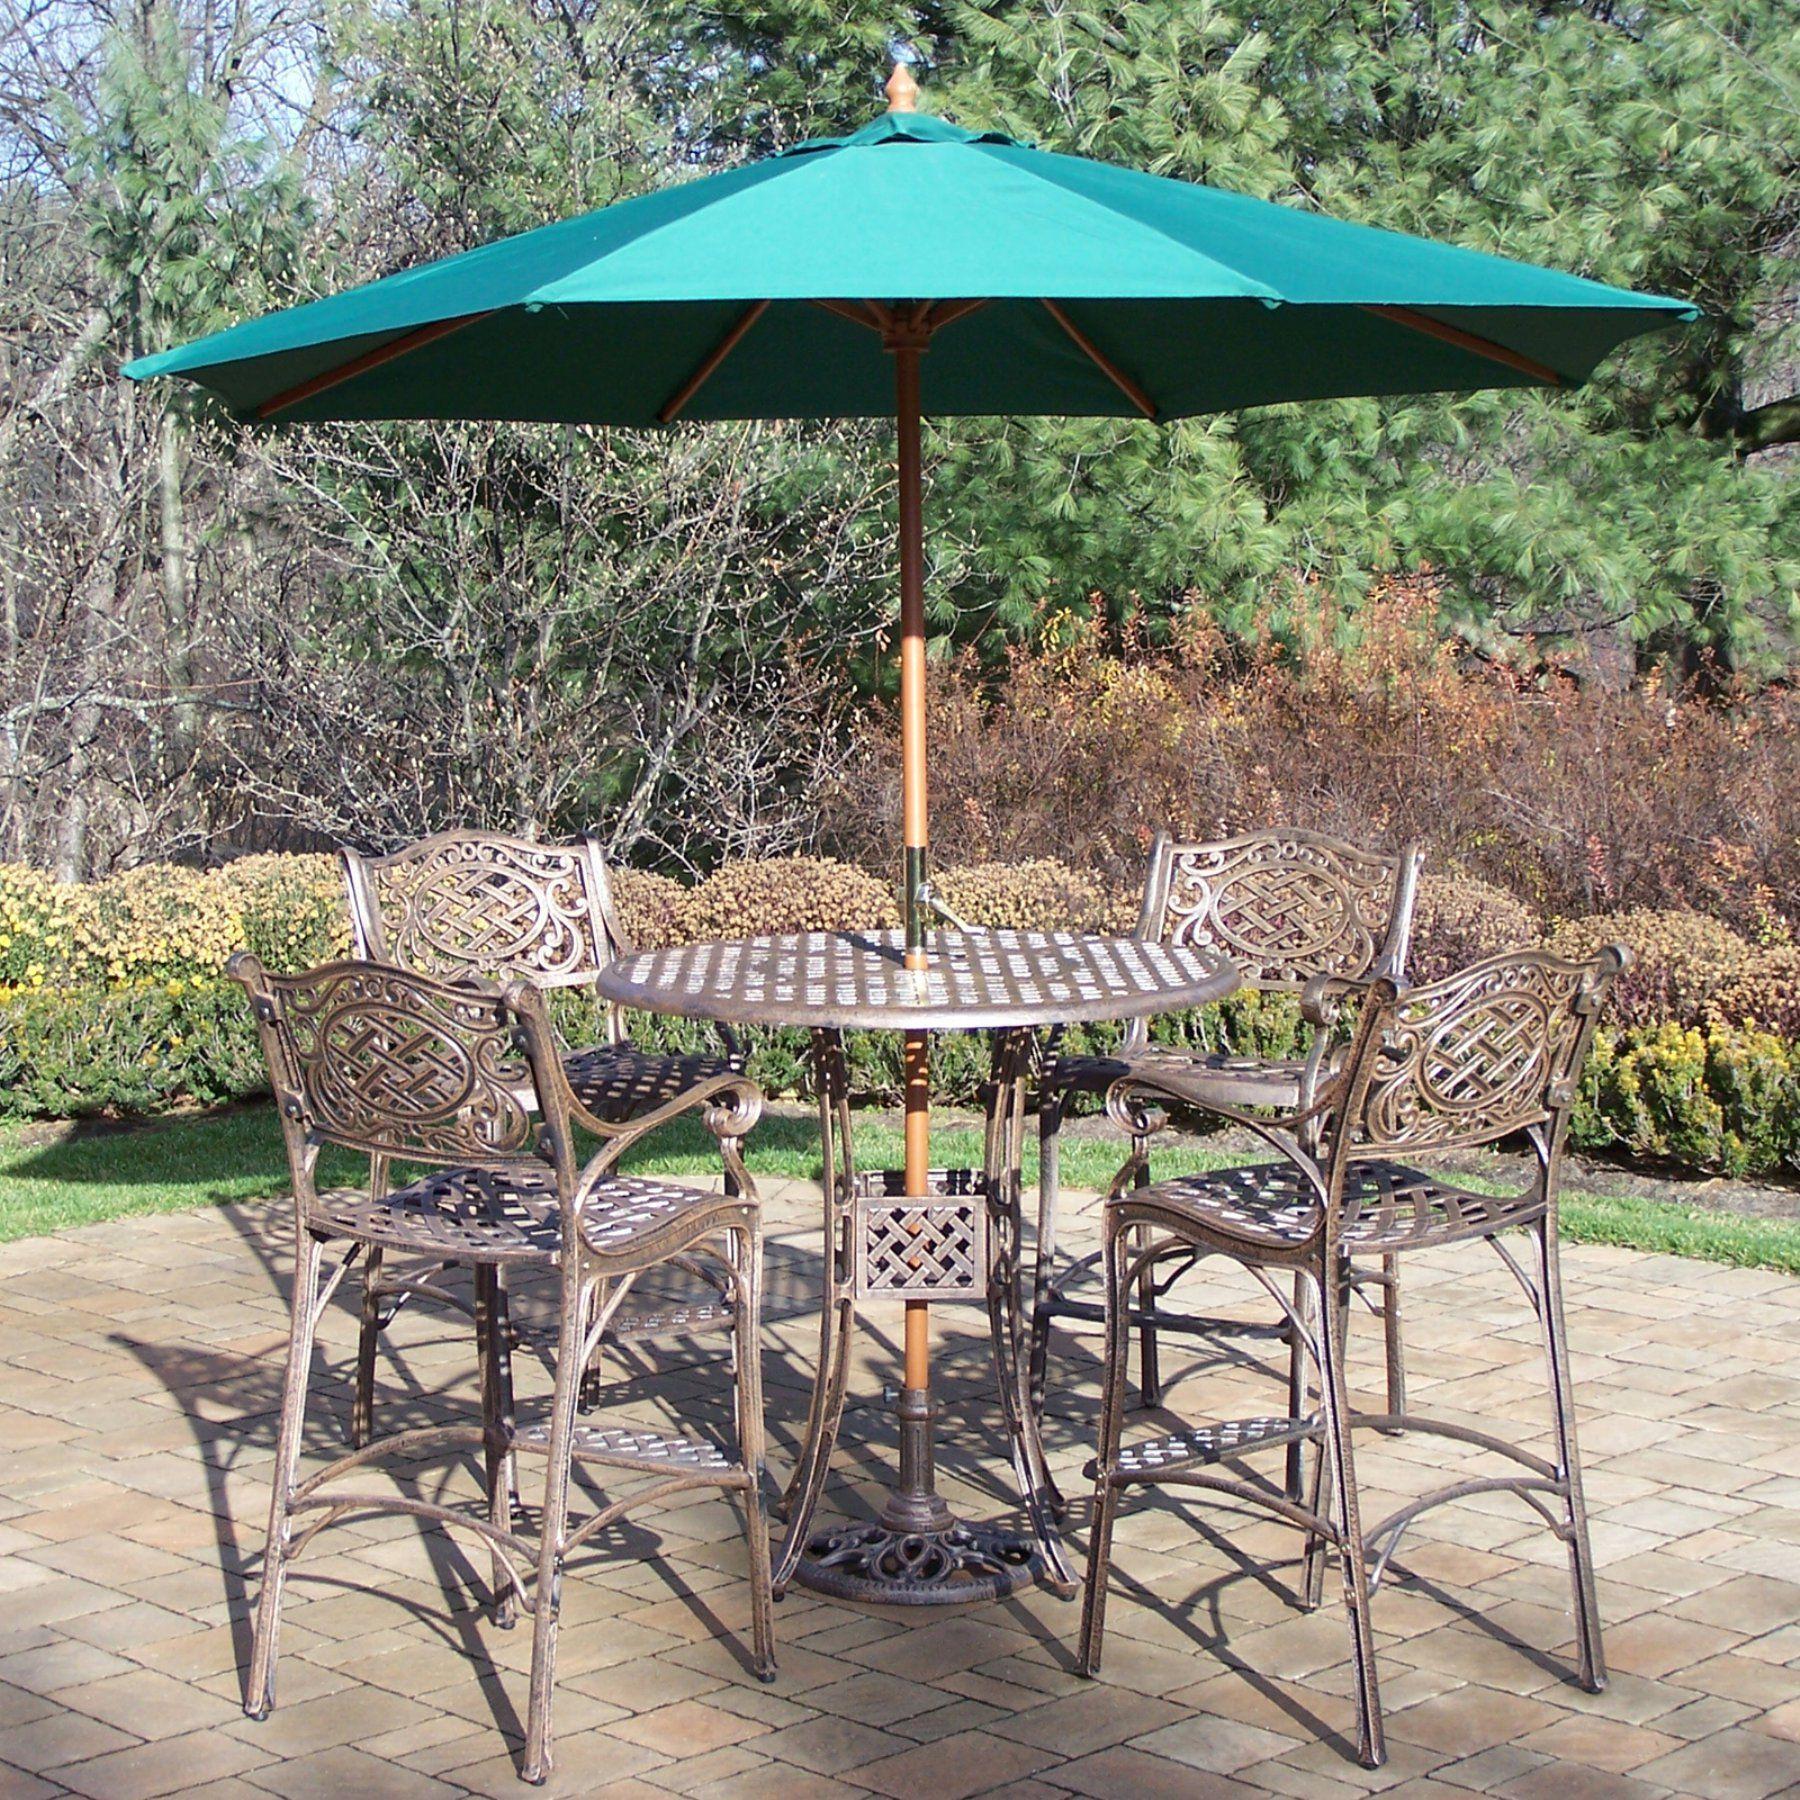 Beautiful Patio Bar Set with Umbrella